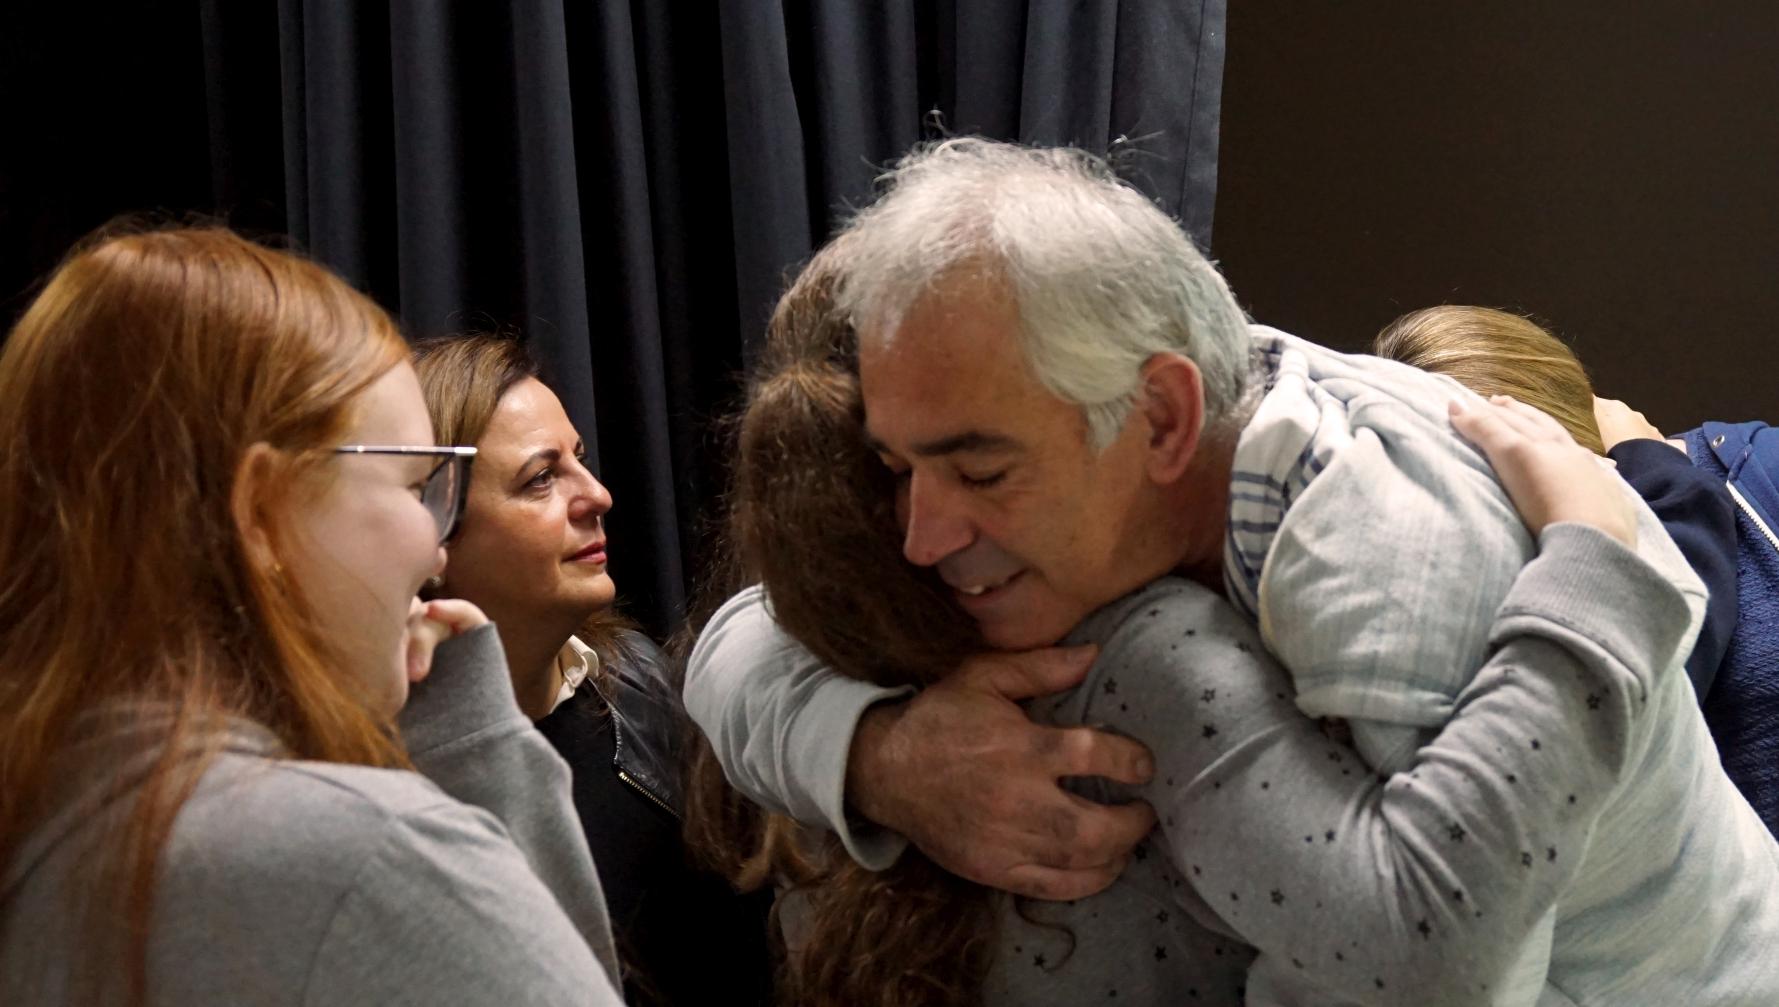 abrazo (conferencia abrazo.jpg)